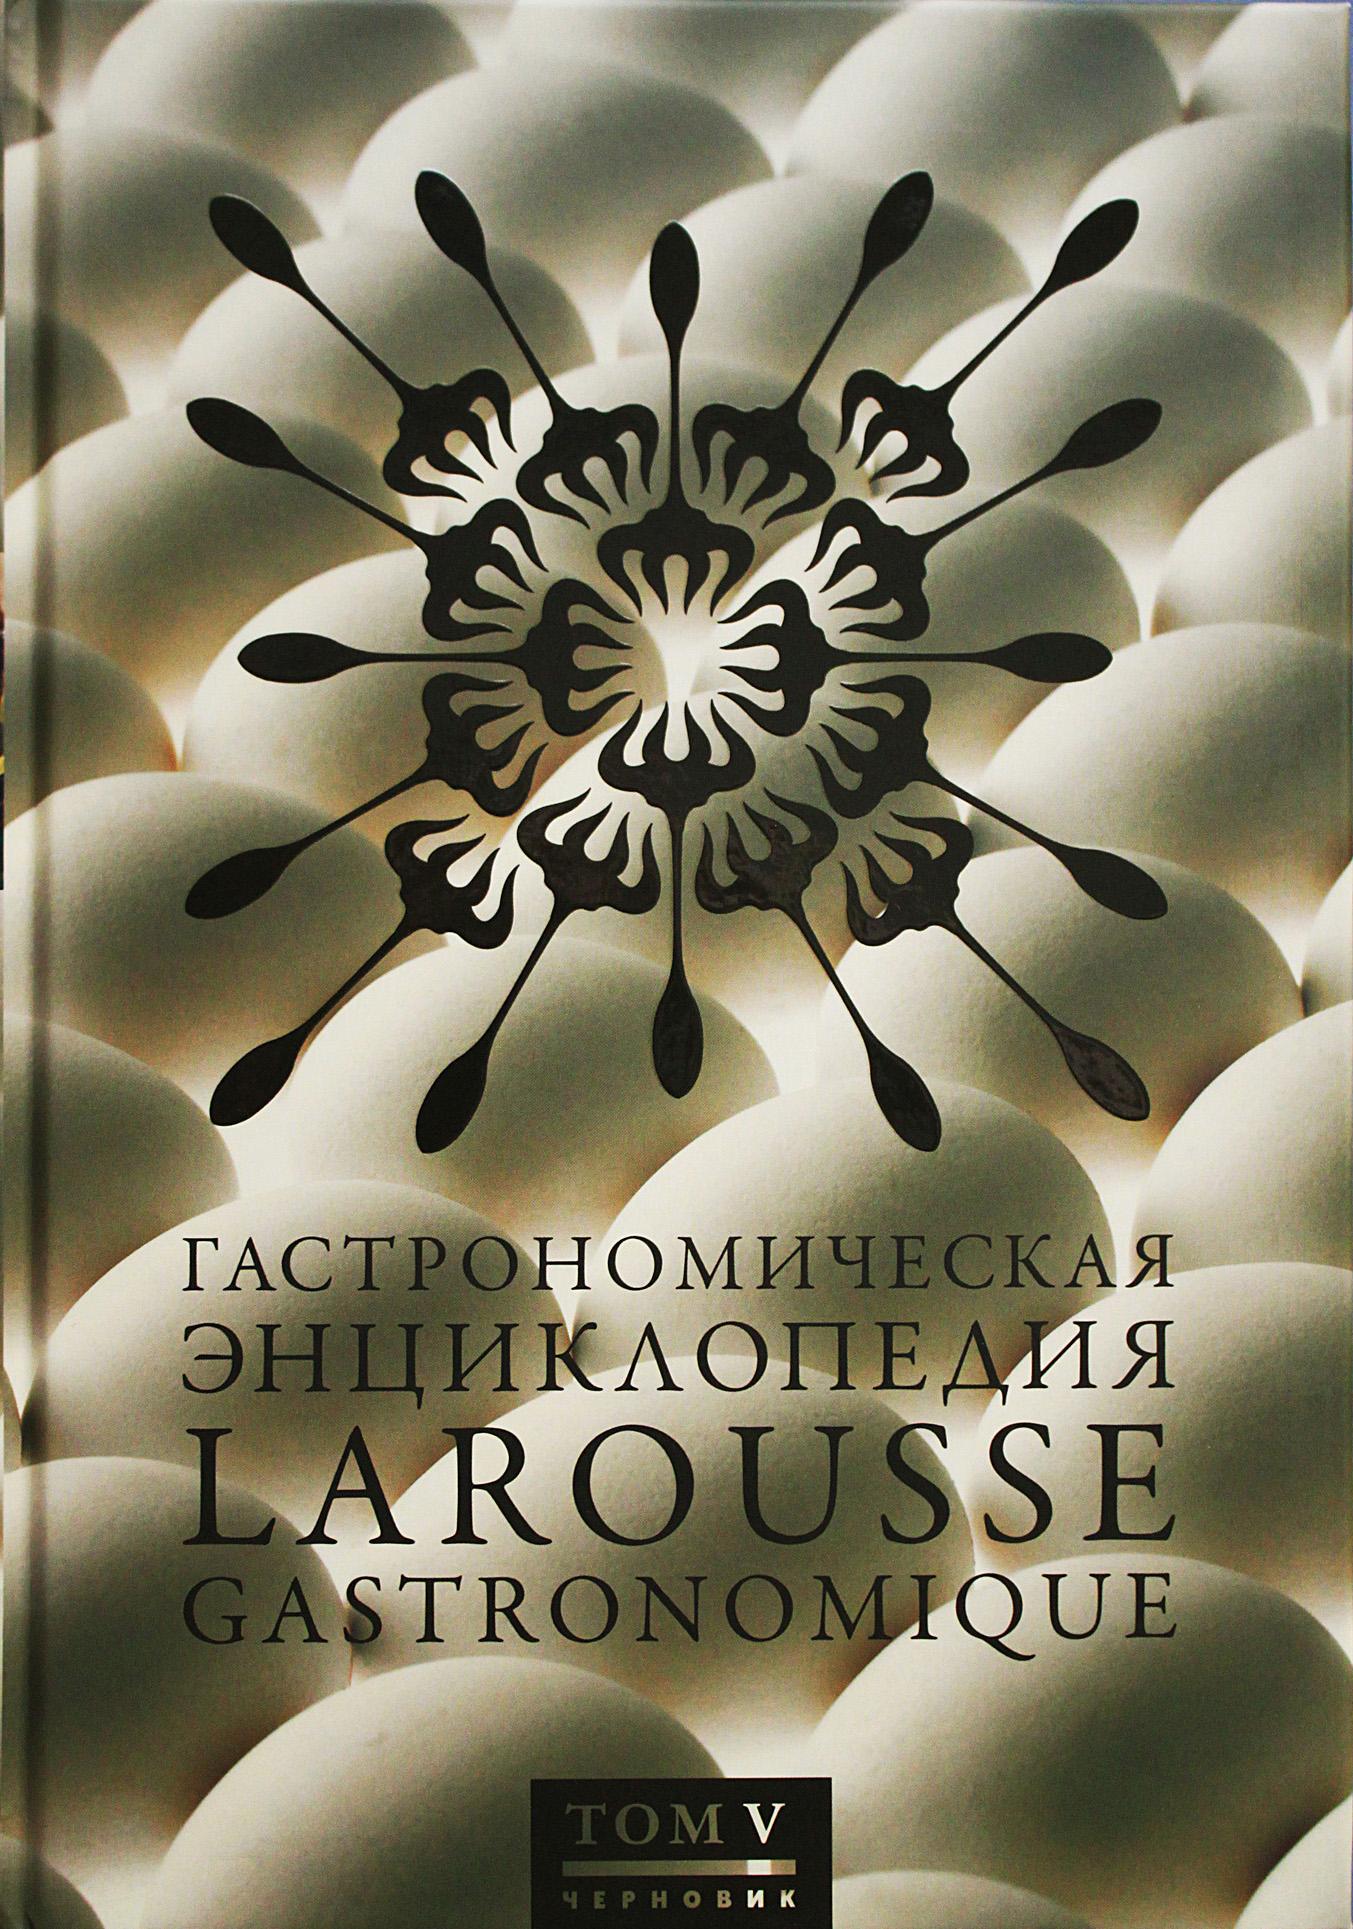 Larousse gastronomique,  tom 5